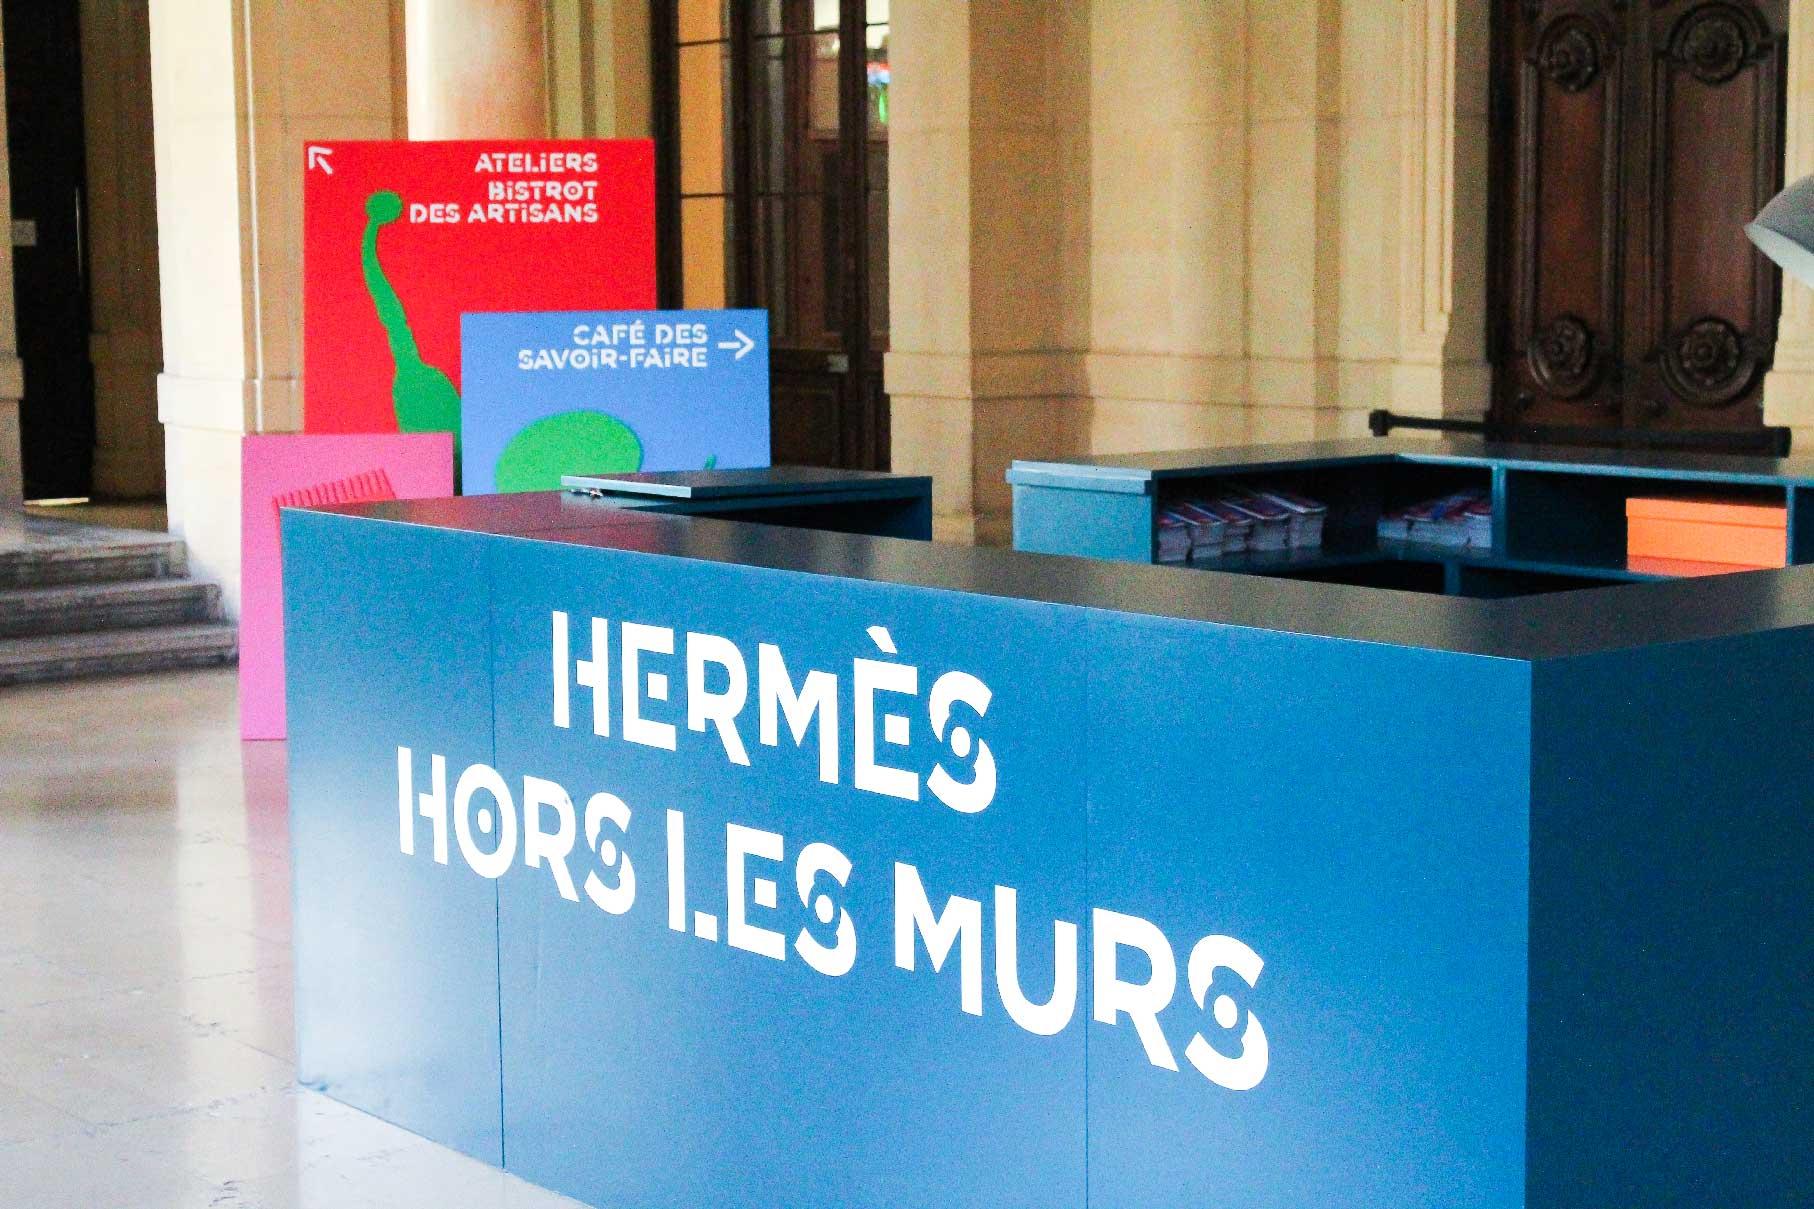 L'accueil du Palais de la Bourse à Lyon est personnalisé avec des panneaux aux couleurs de l'événement Hermès Hors Les Murs.